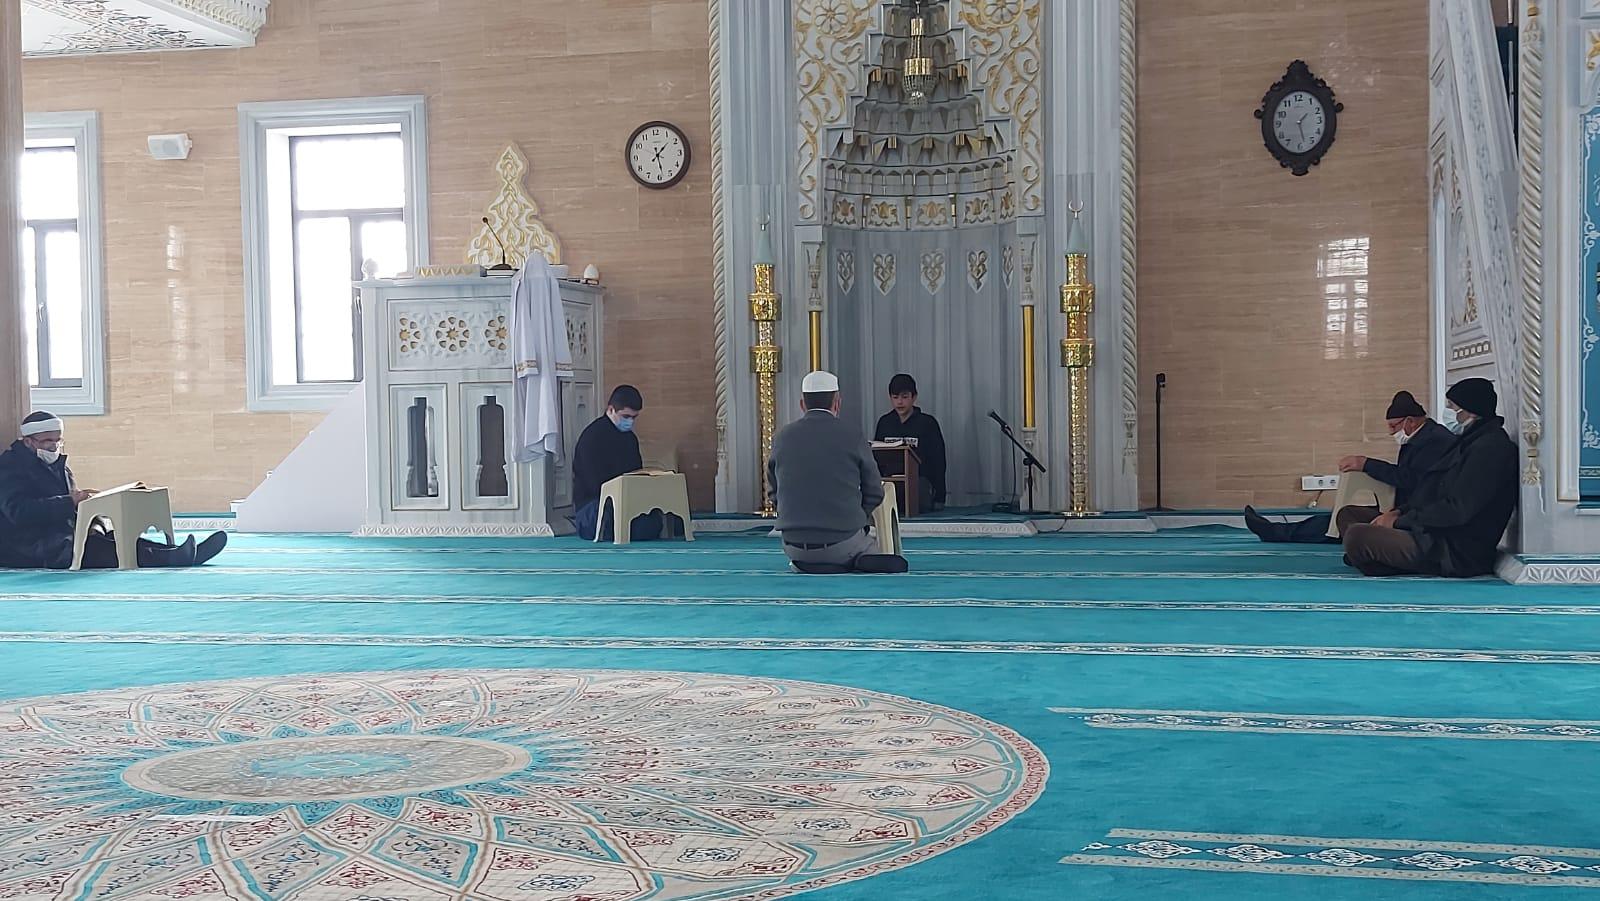 Ramazan'ın bereketi SultangaziHz. Ebubekir Camisinde mukabelelerle bereketleniyor